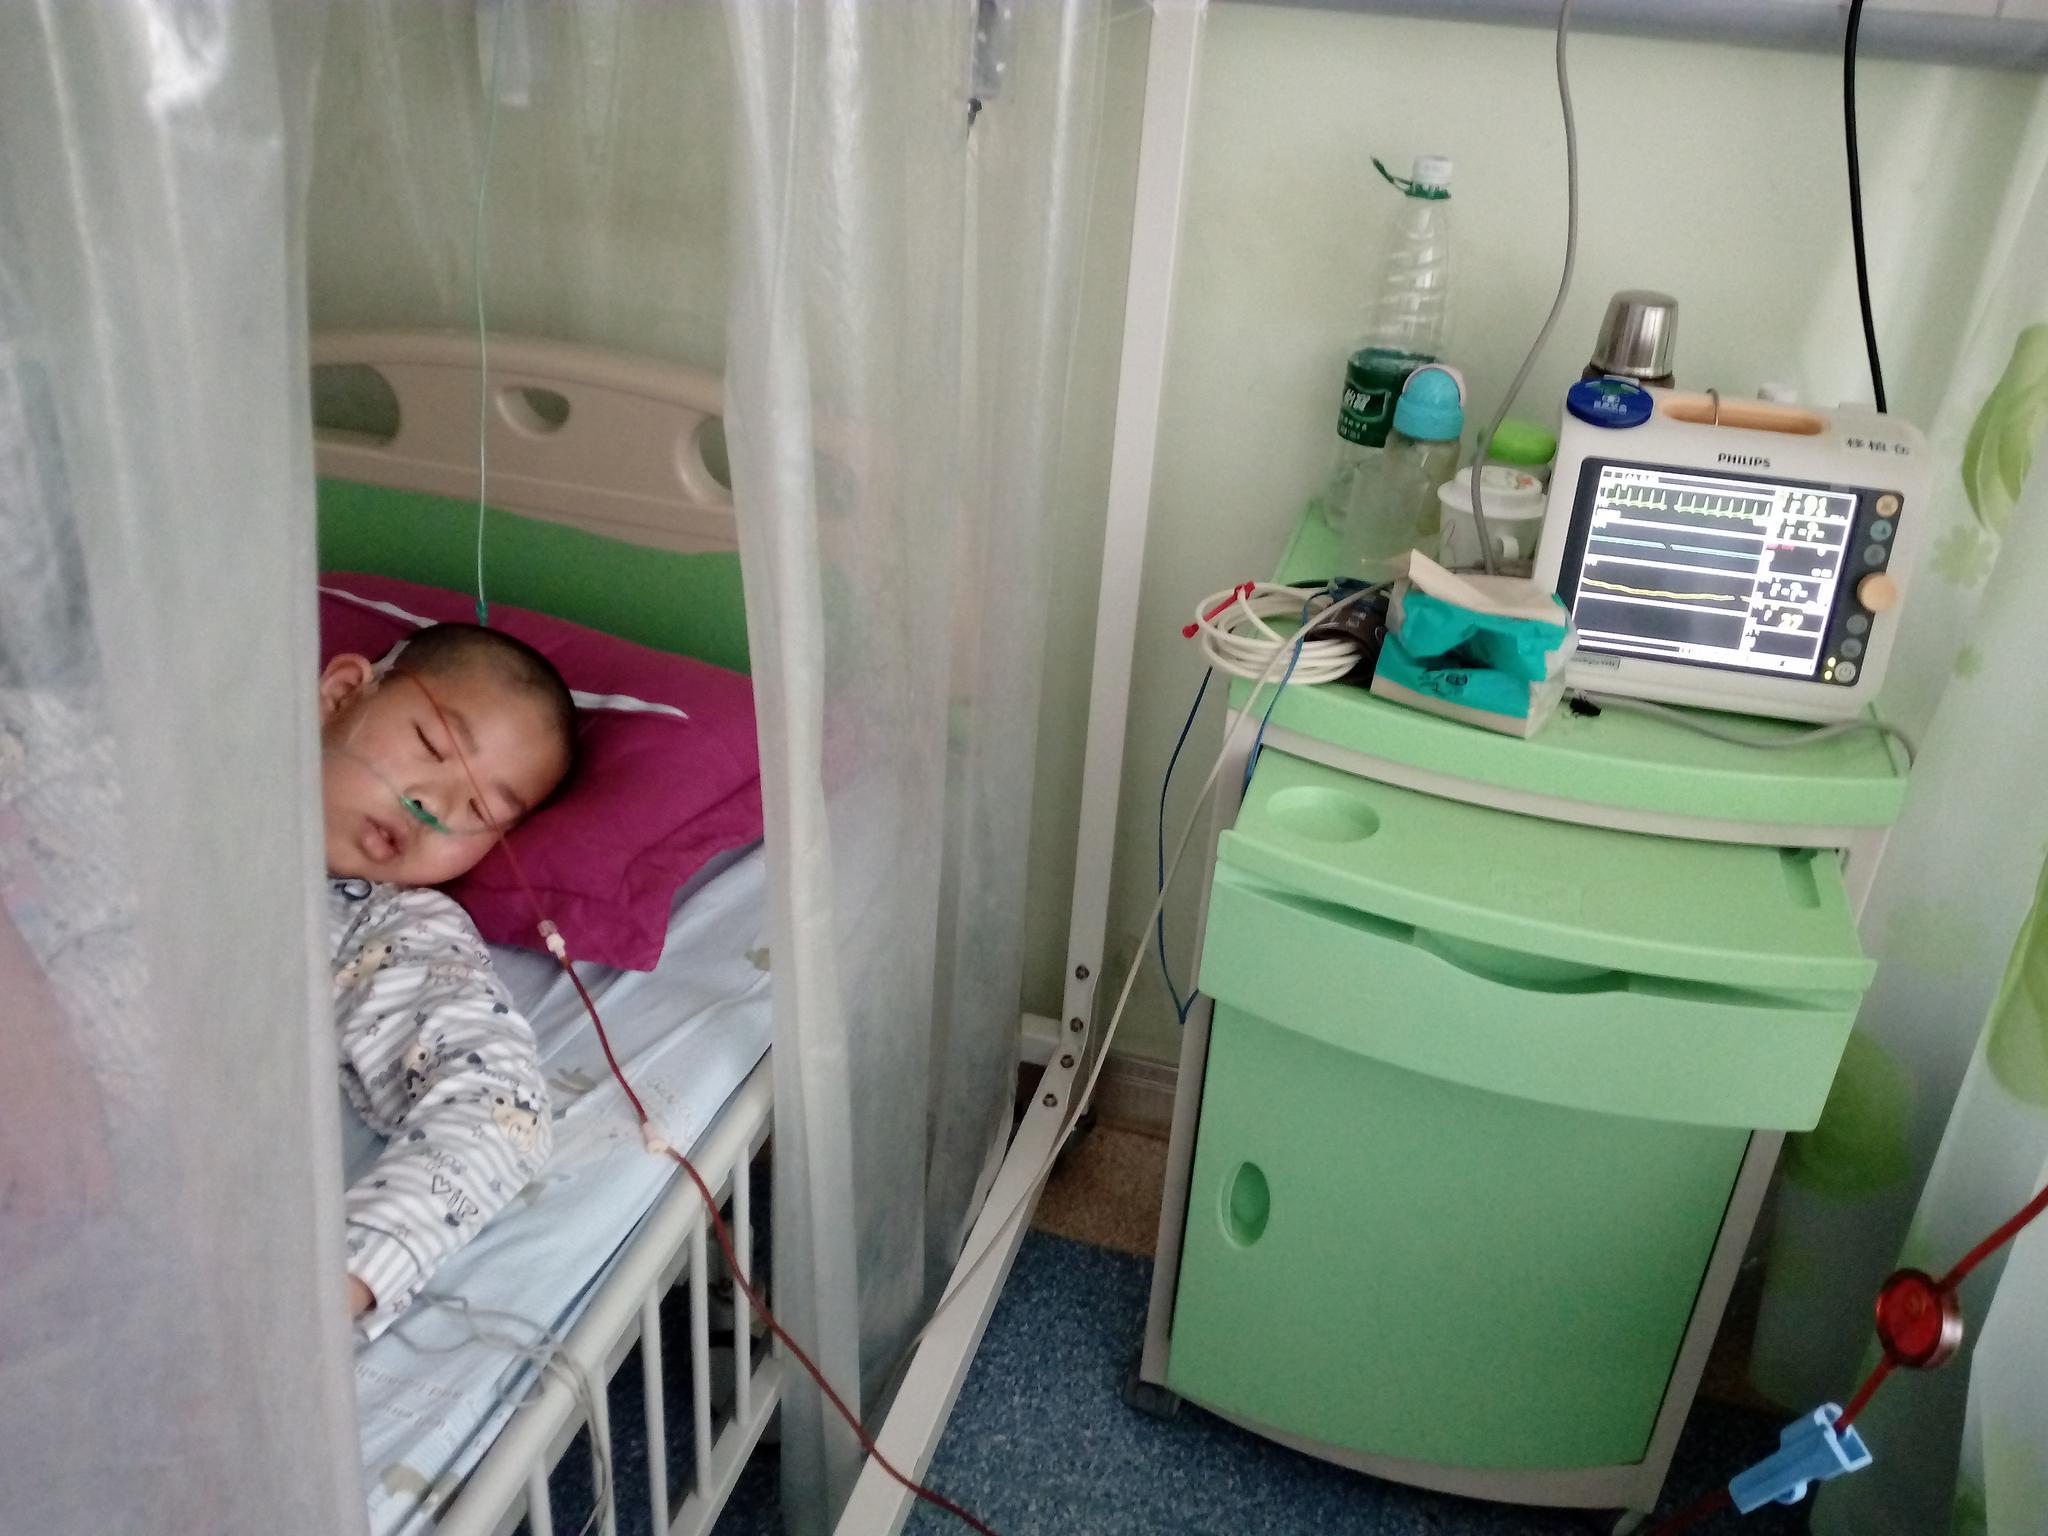 男孩双眼流血几度失明,中年母亲面临失独为儿求救:我想他活着